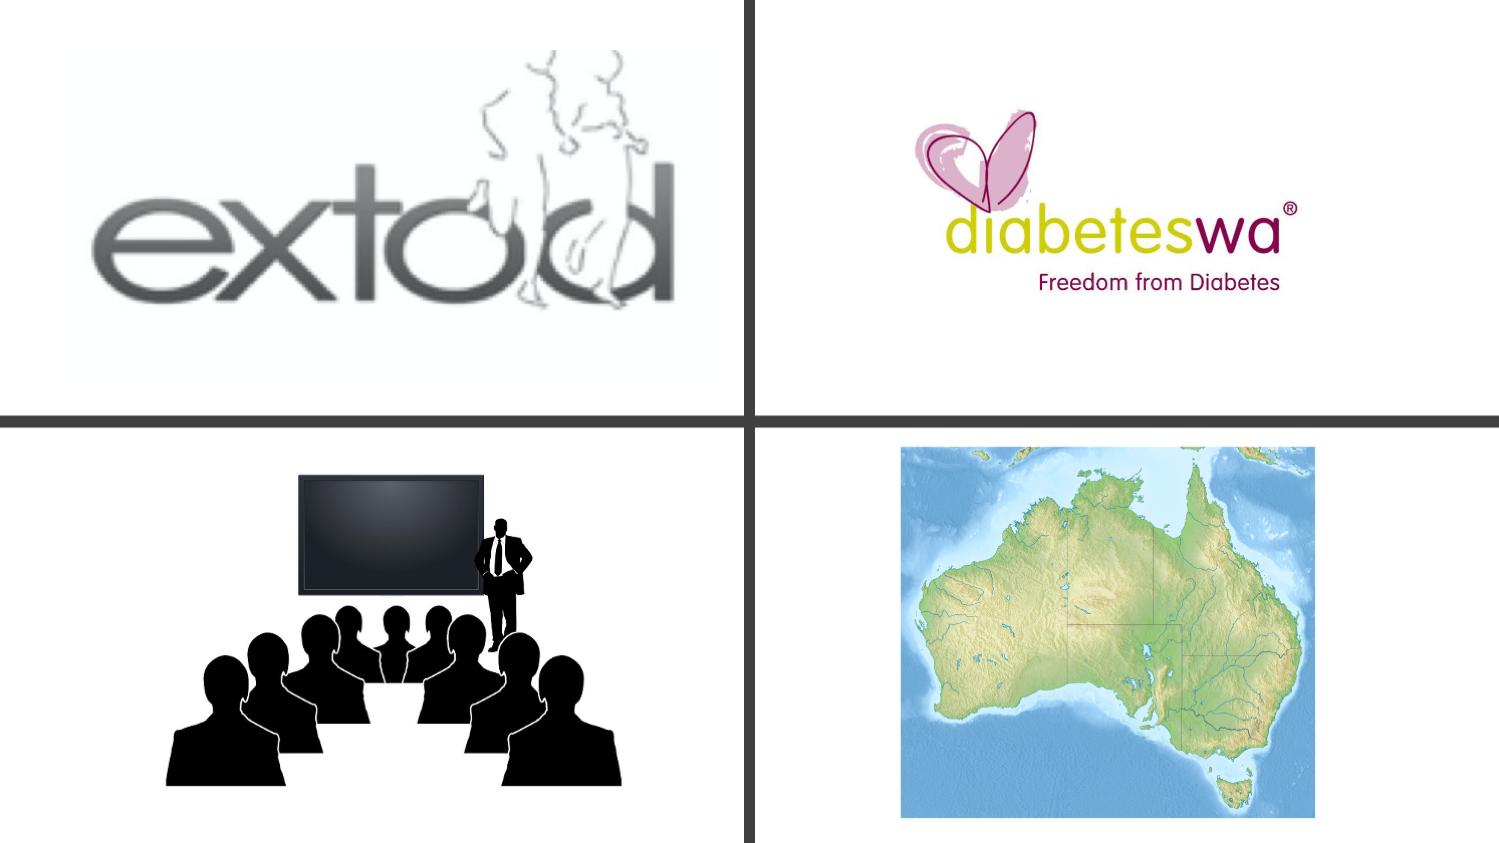 Diabetes WA talk on EXTOD